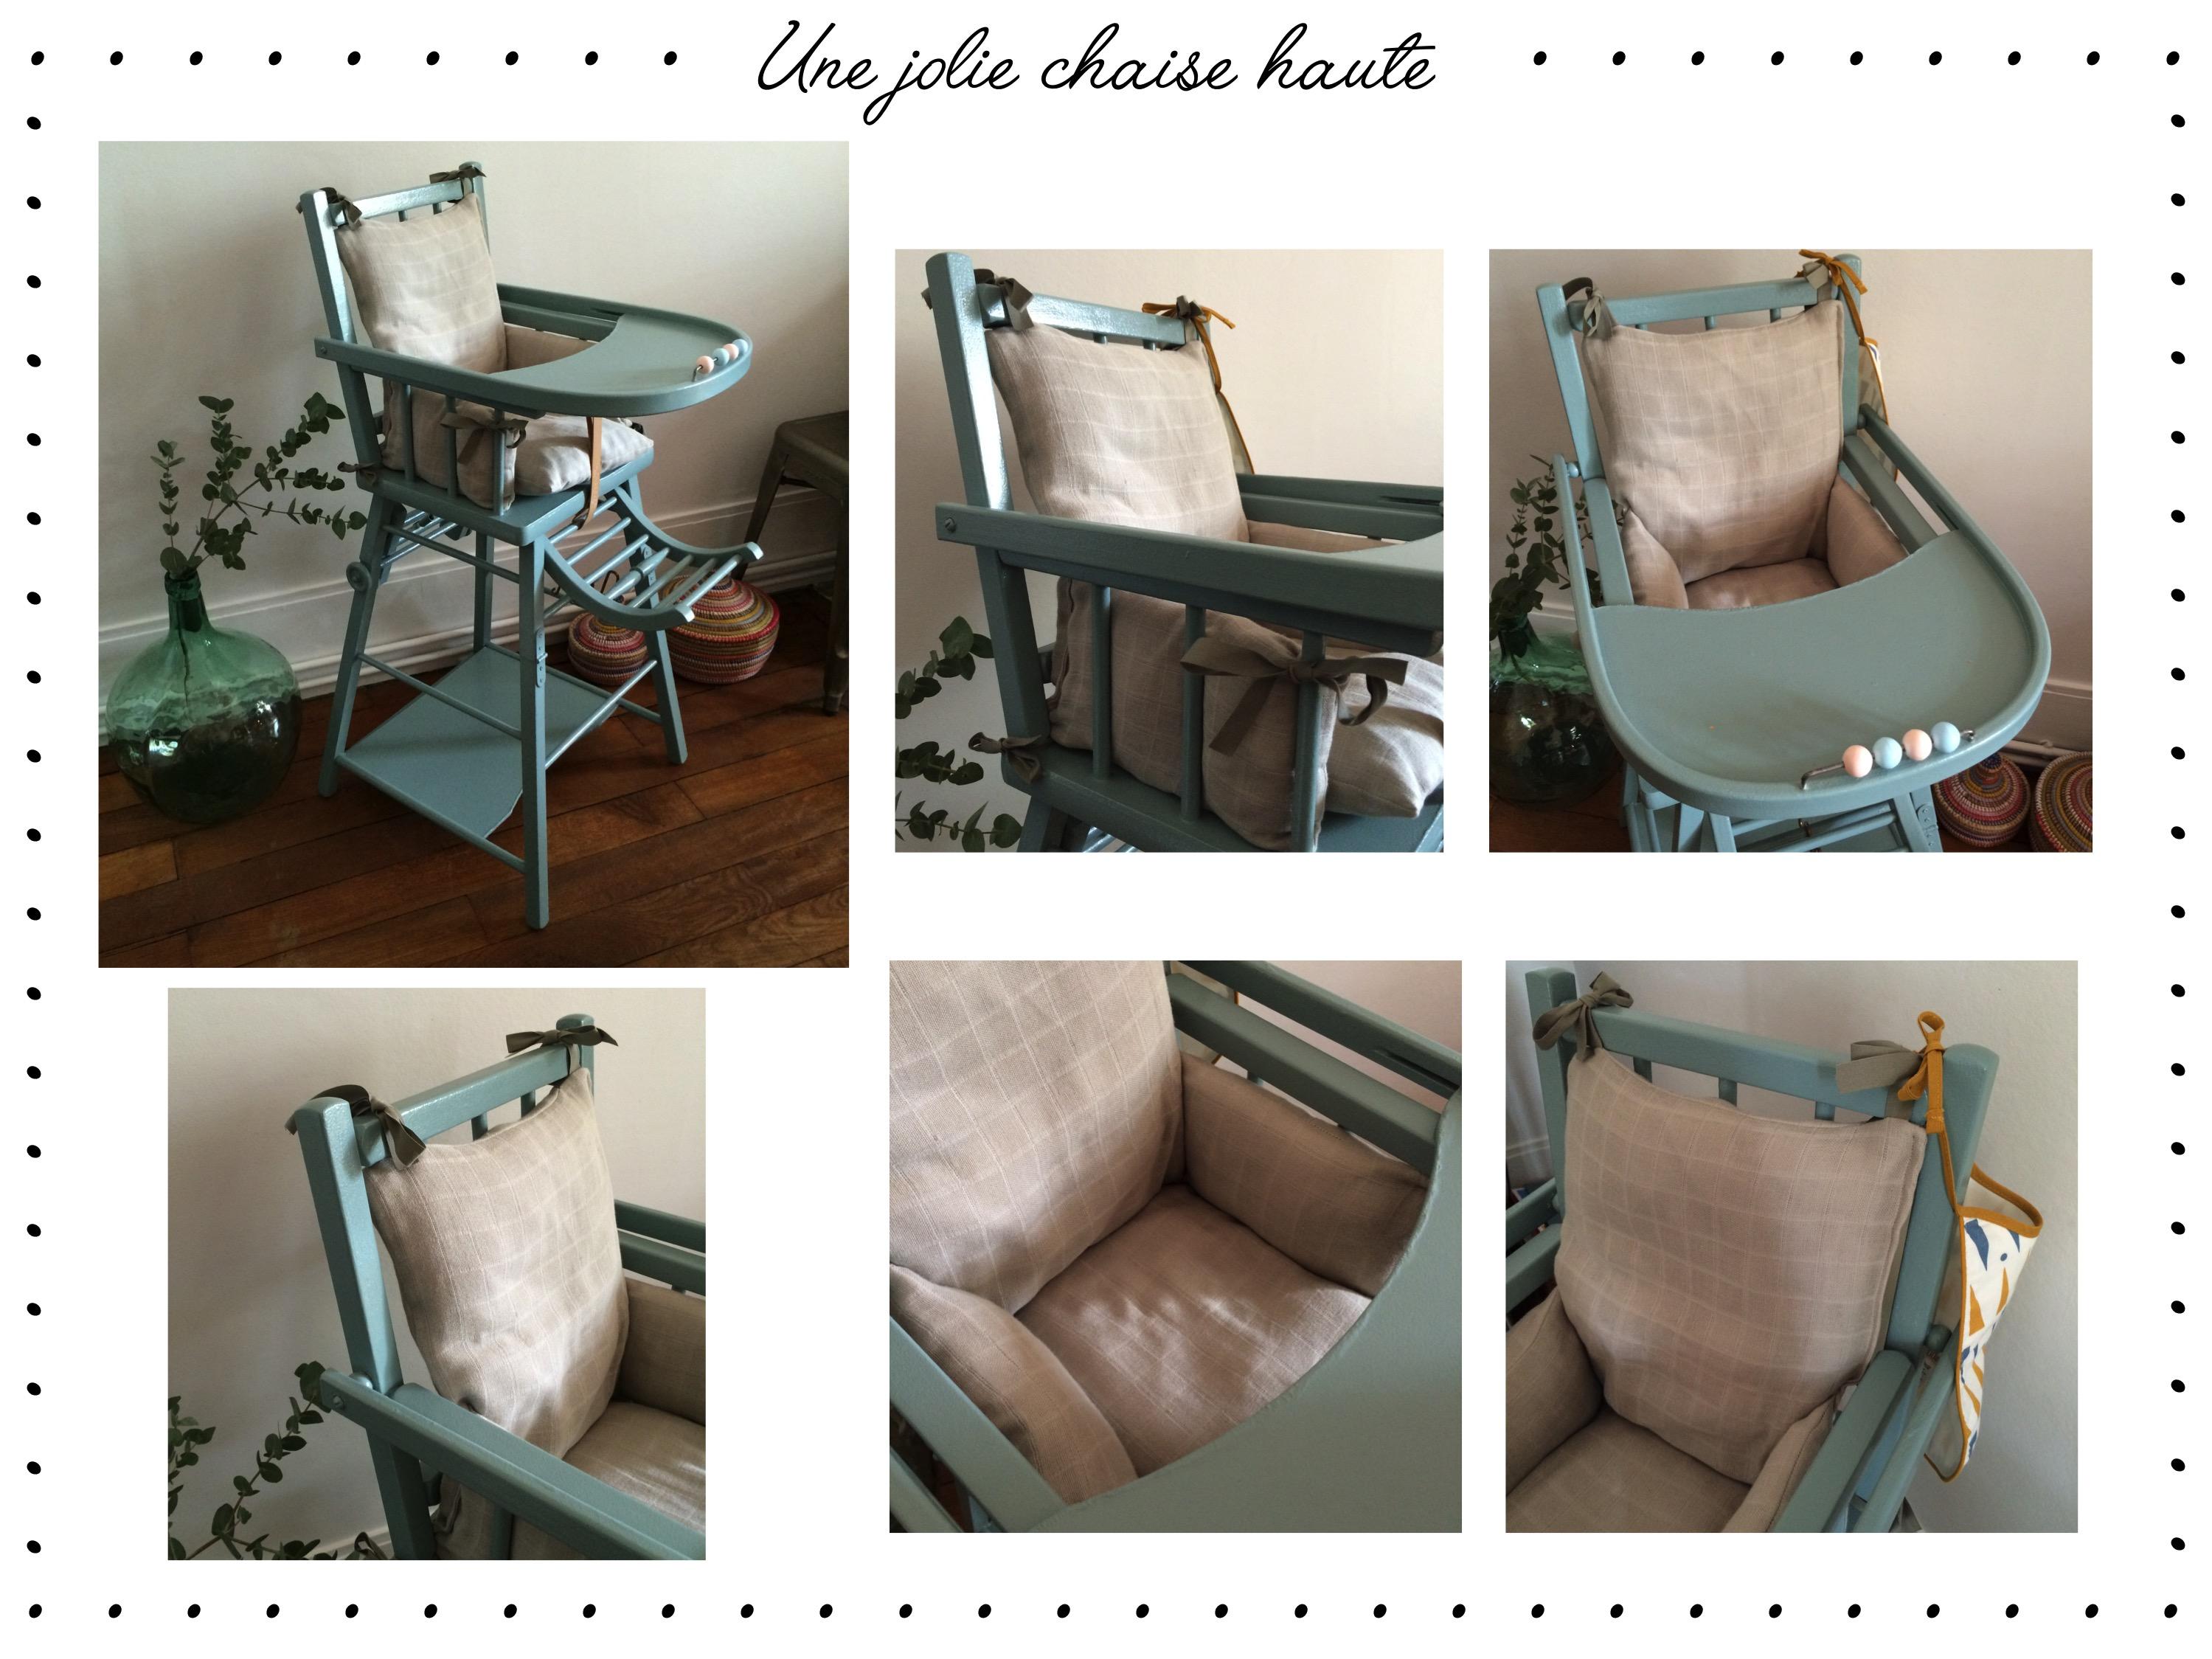 DIY] Un joli coussin pour une chaise haute belle